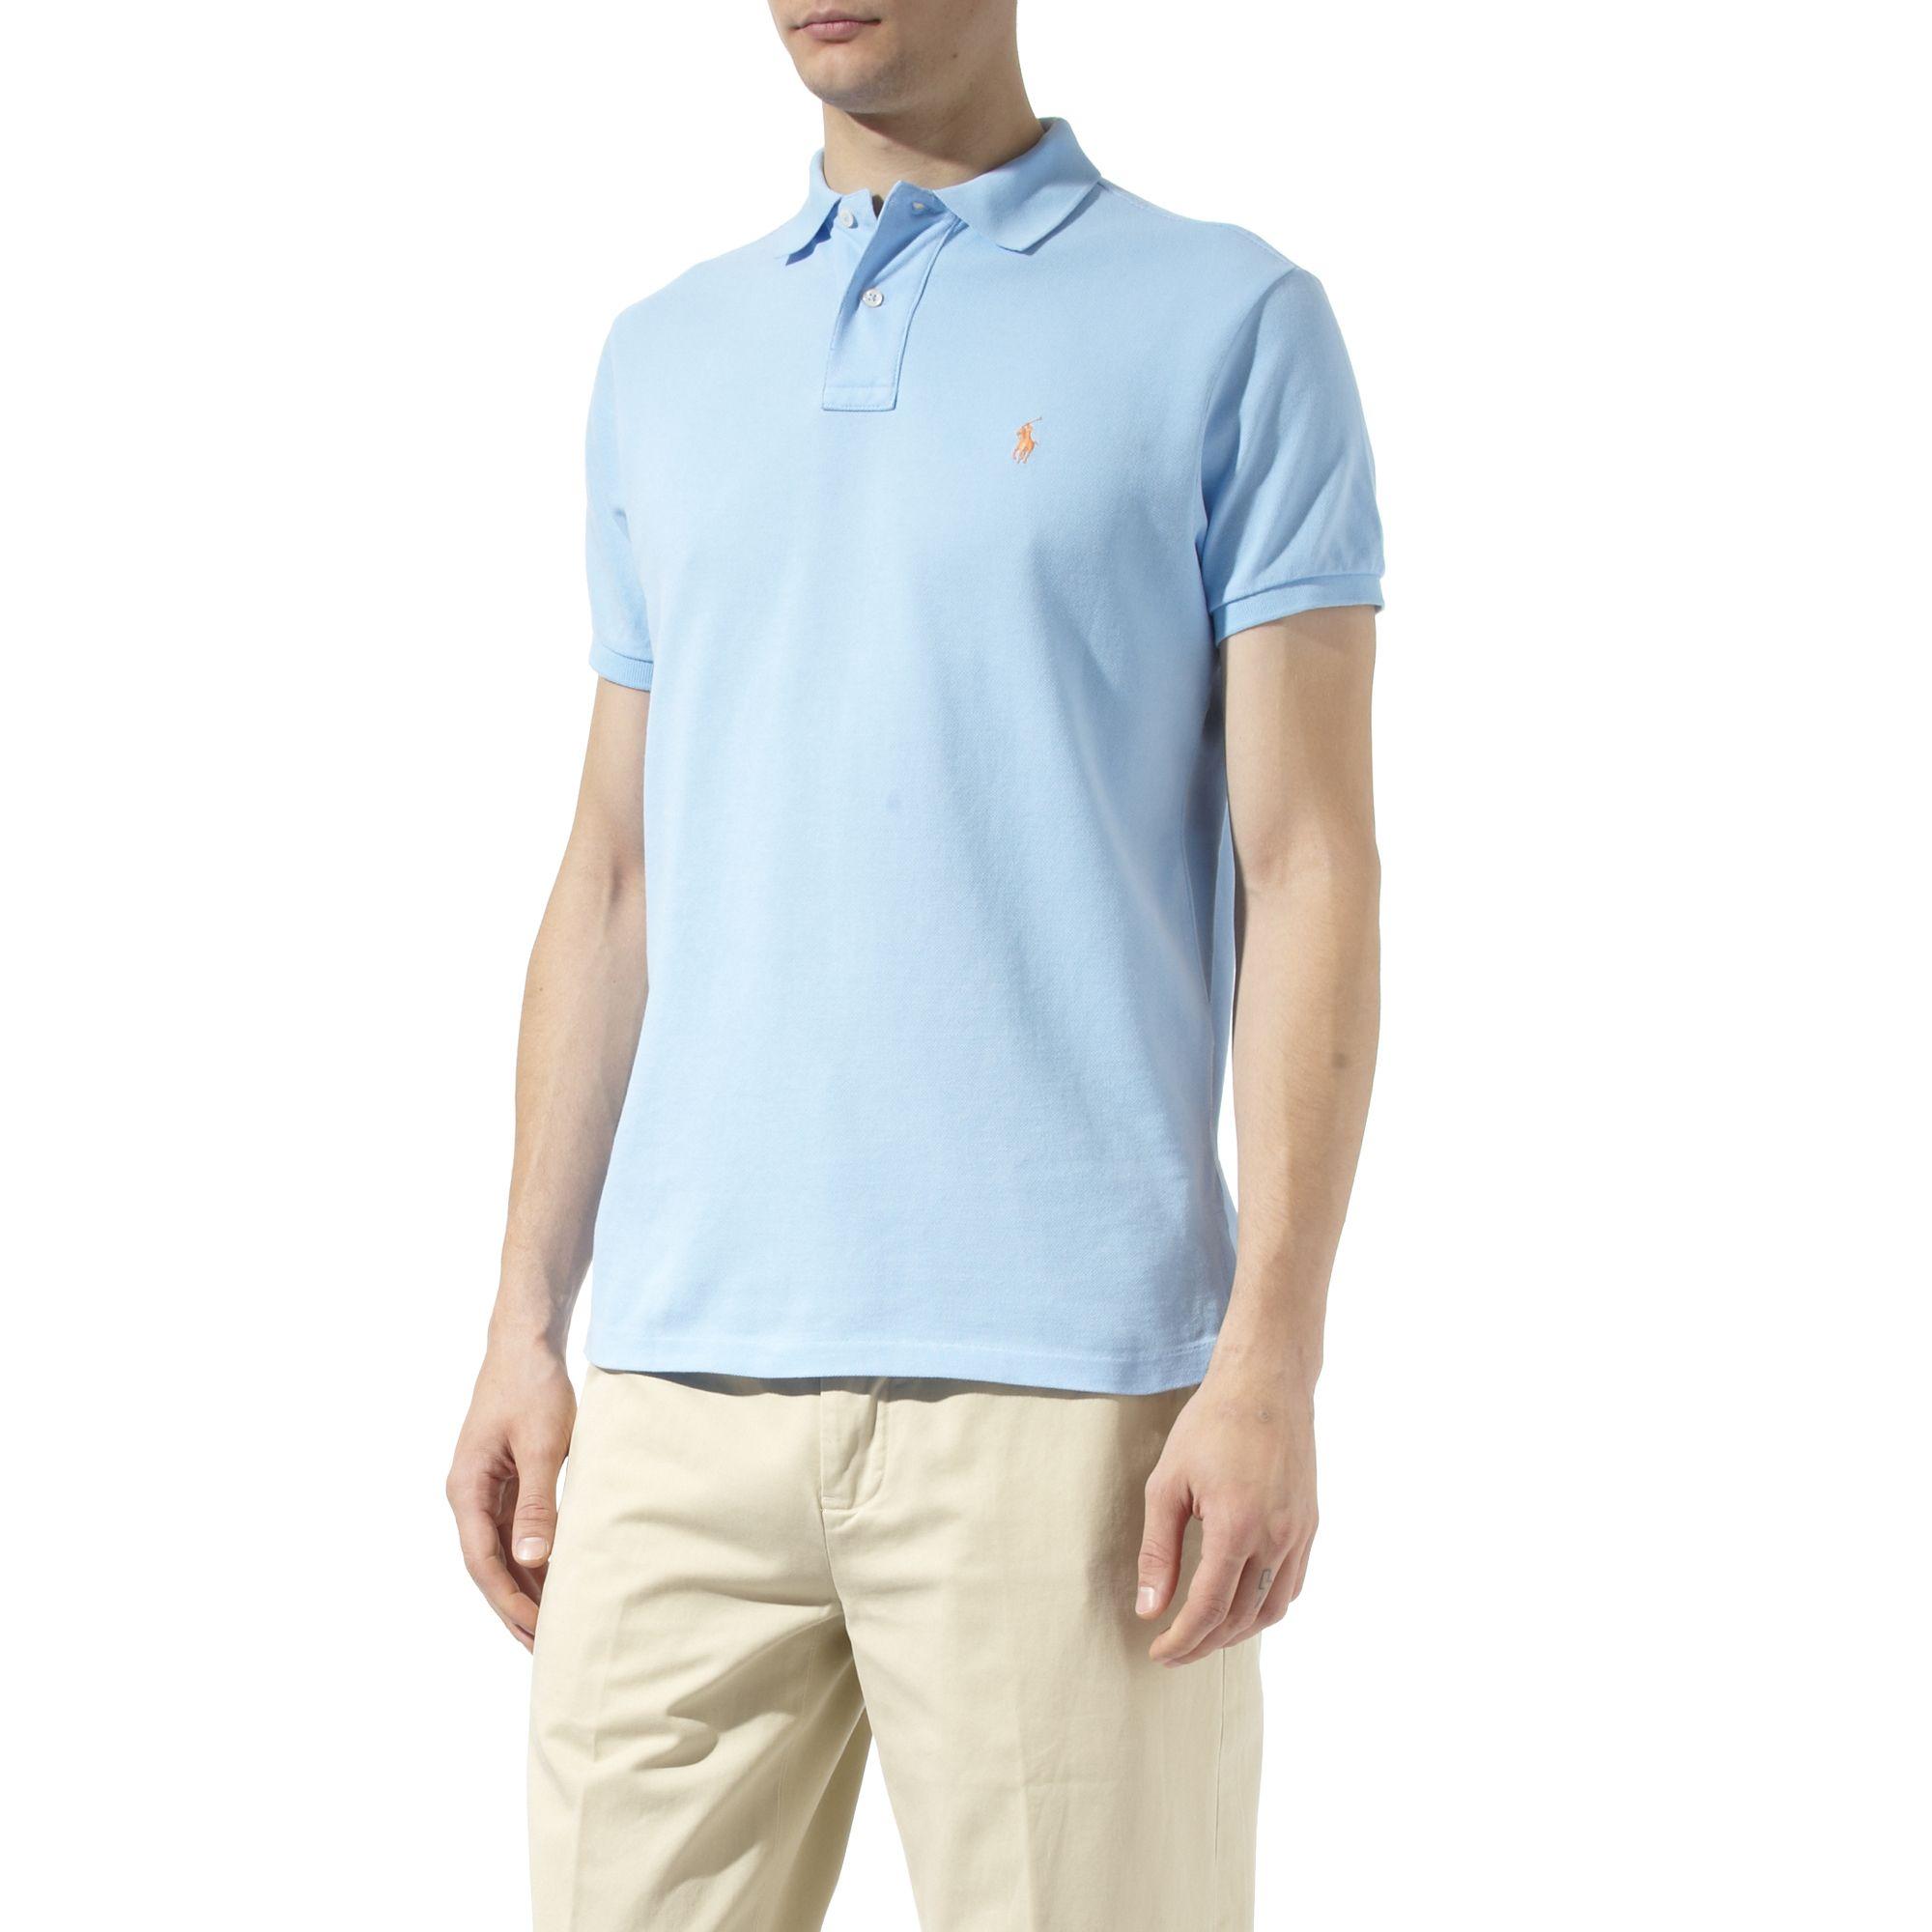 Ralph Lauren Custom Fit Mesh Polo Shirt In Blue For Men Lyst